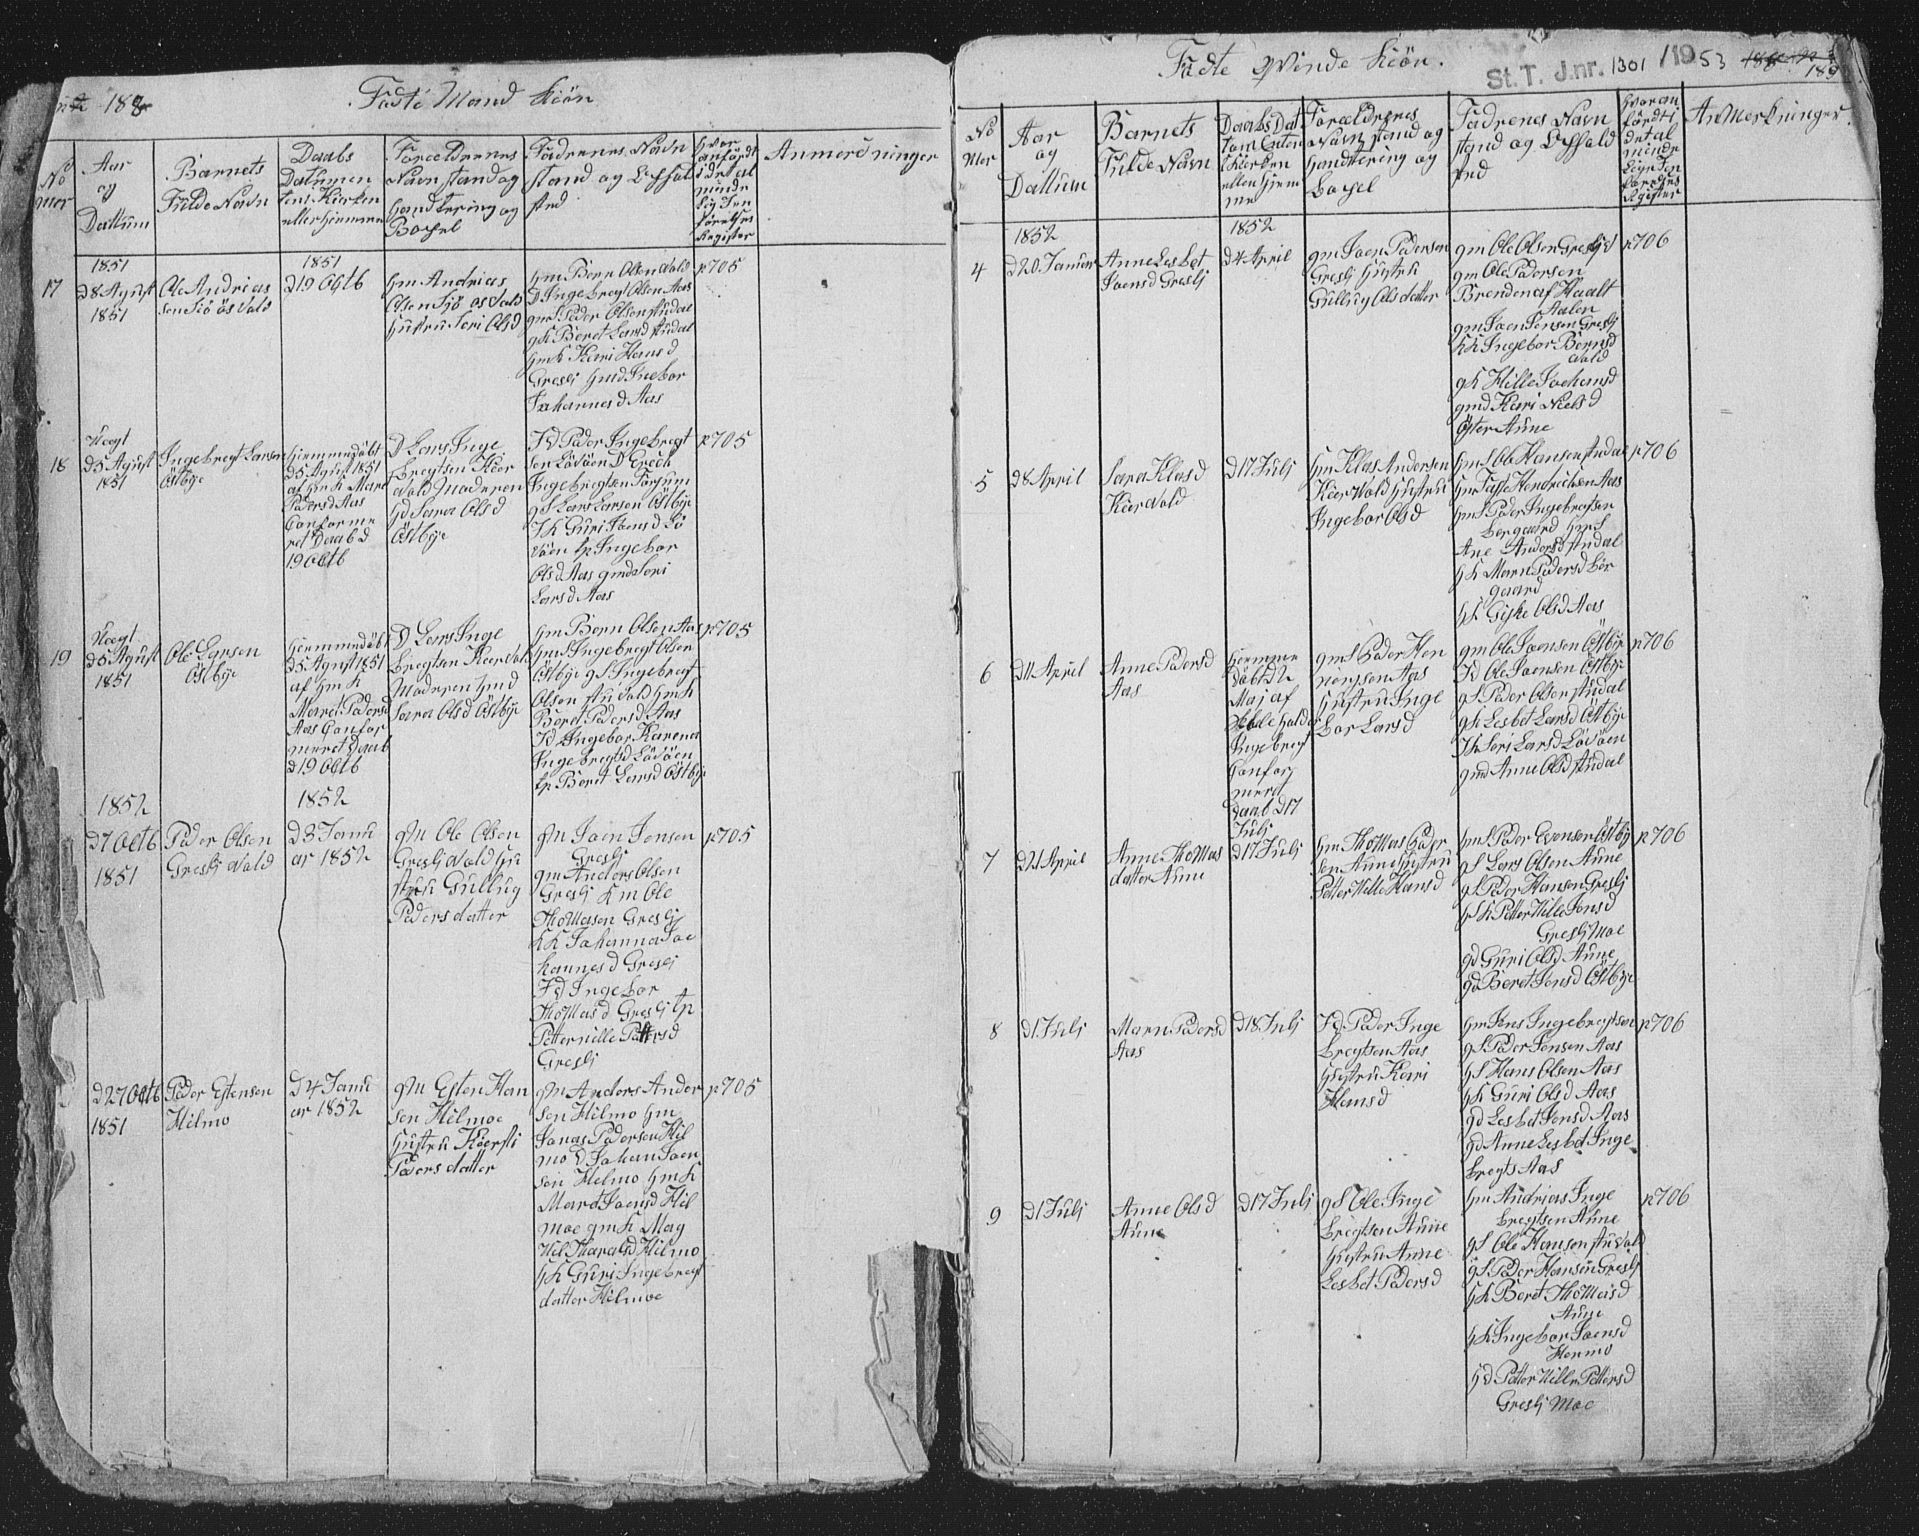 SAT, Ministerialprotokoller, klokkerbøker og fødselsregistre - Sør-Trøndelag, 698/L1165: Klokkerbok nr. 698C02, 1851-1861, s. 188-189